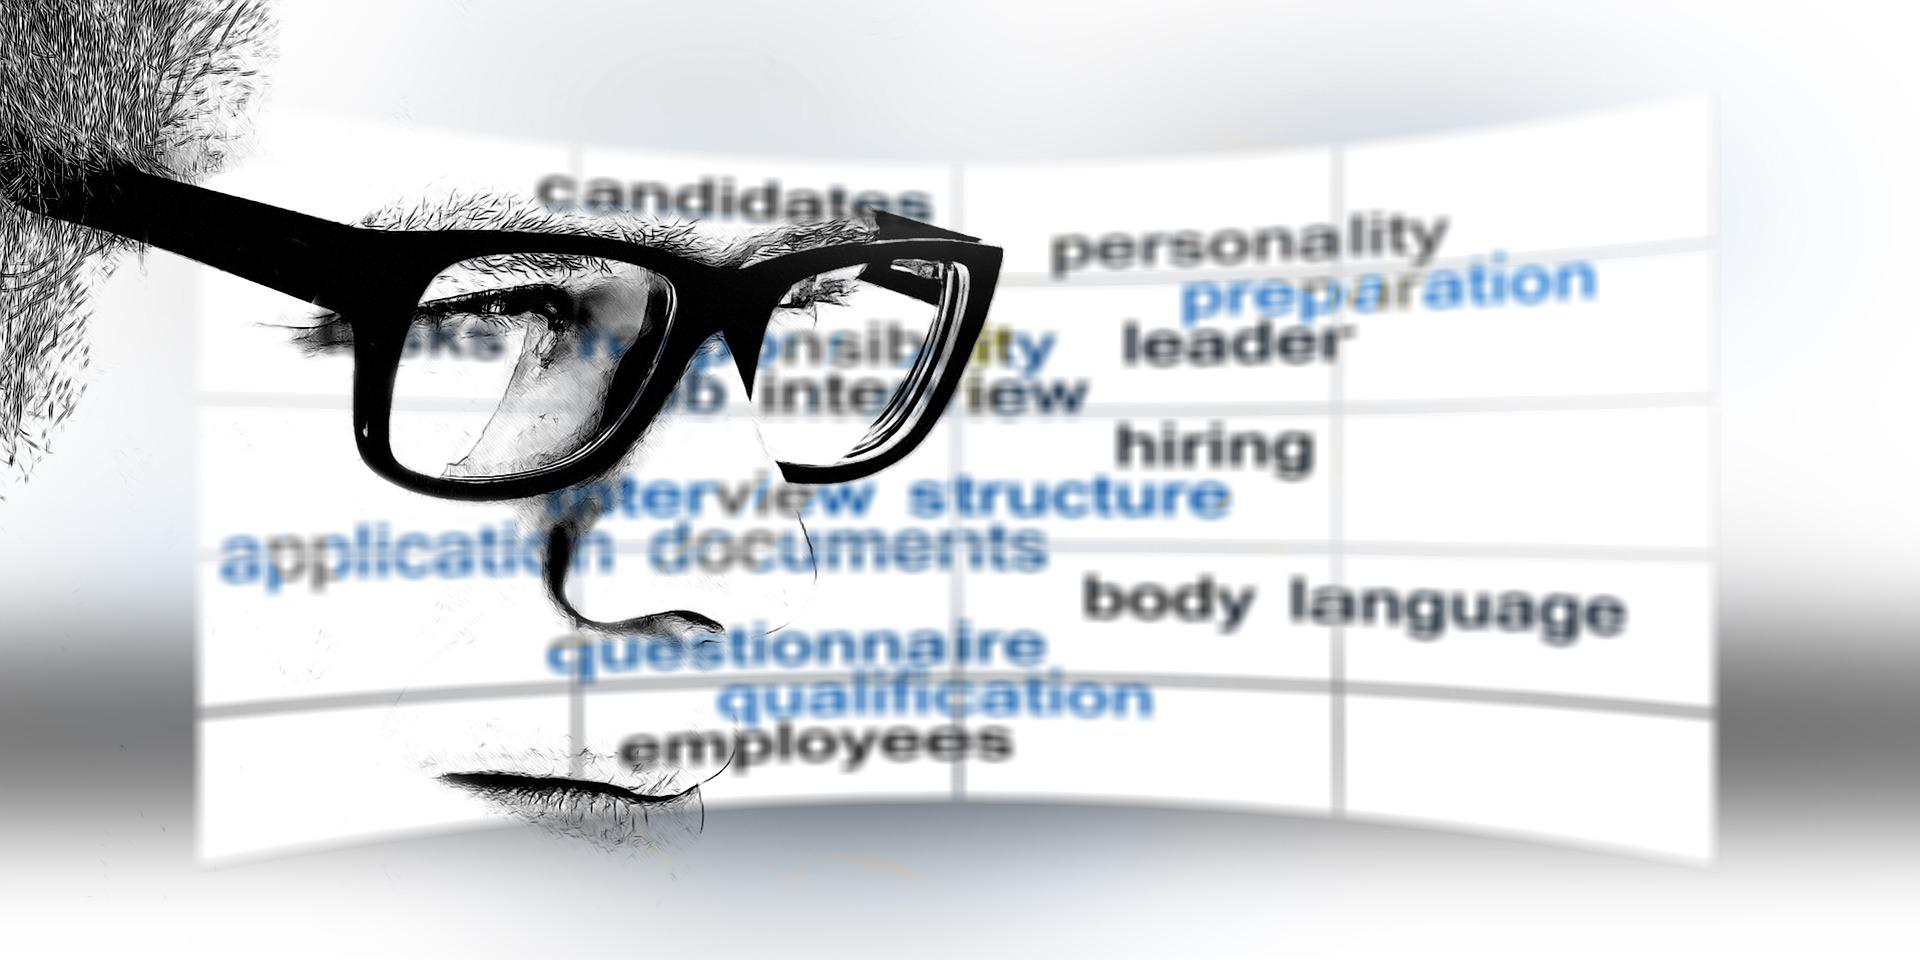 job-3338102_1920.jpg